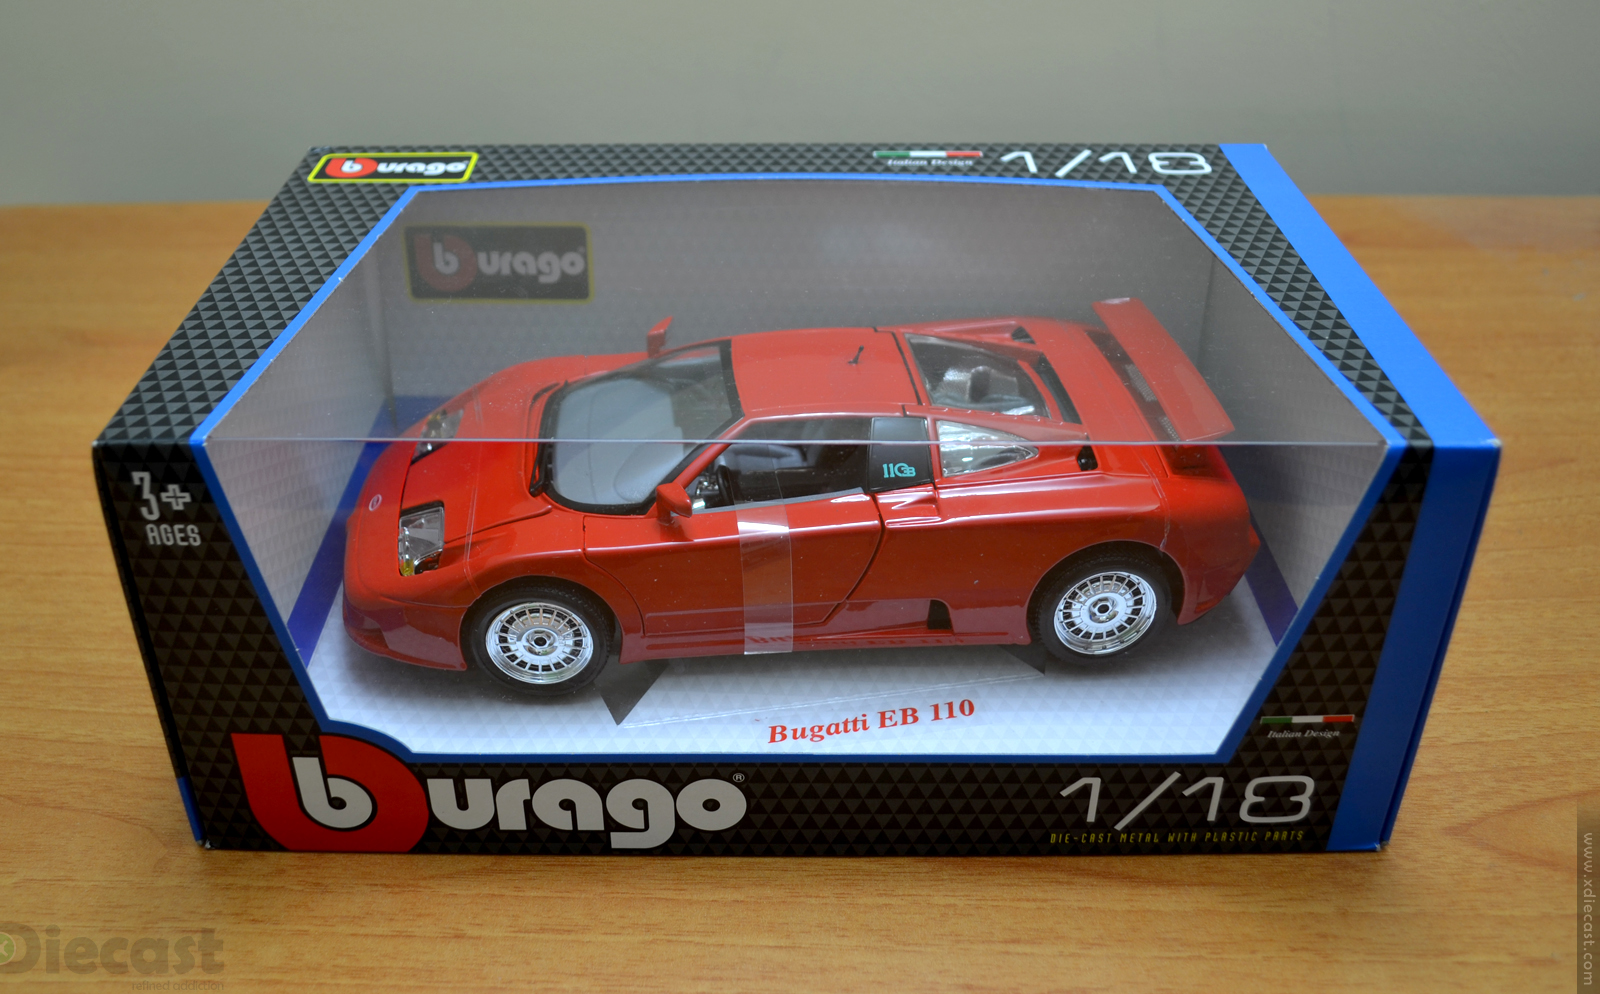 Bburago 1:18 Bugatti EB110 - Box